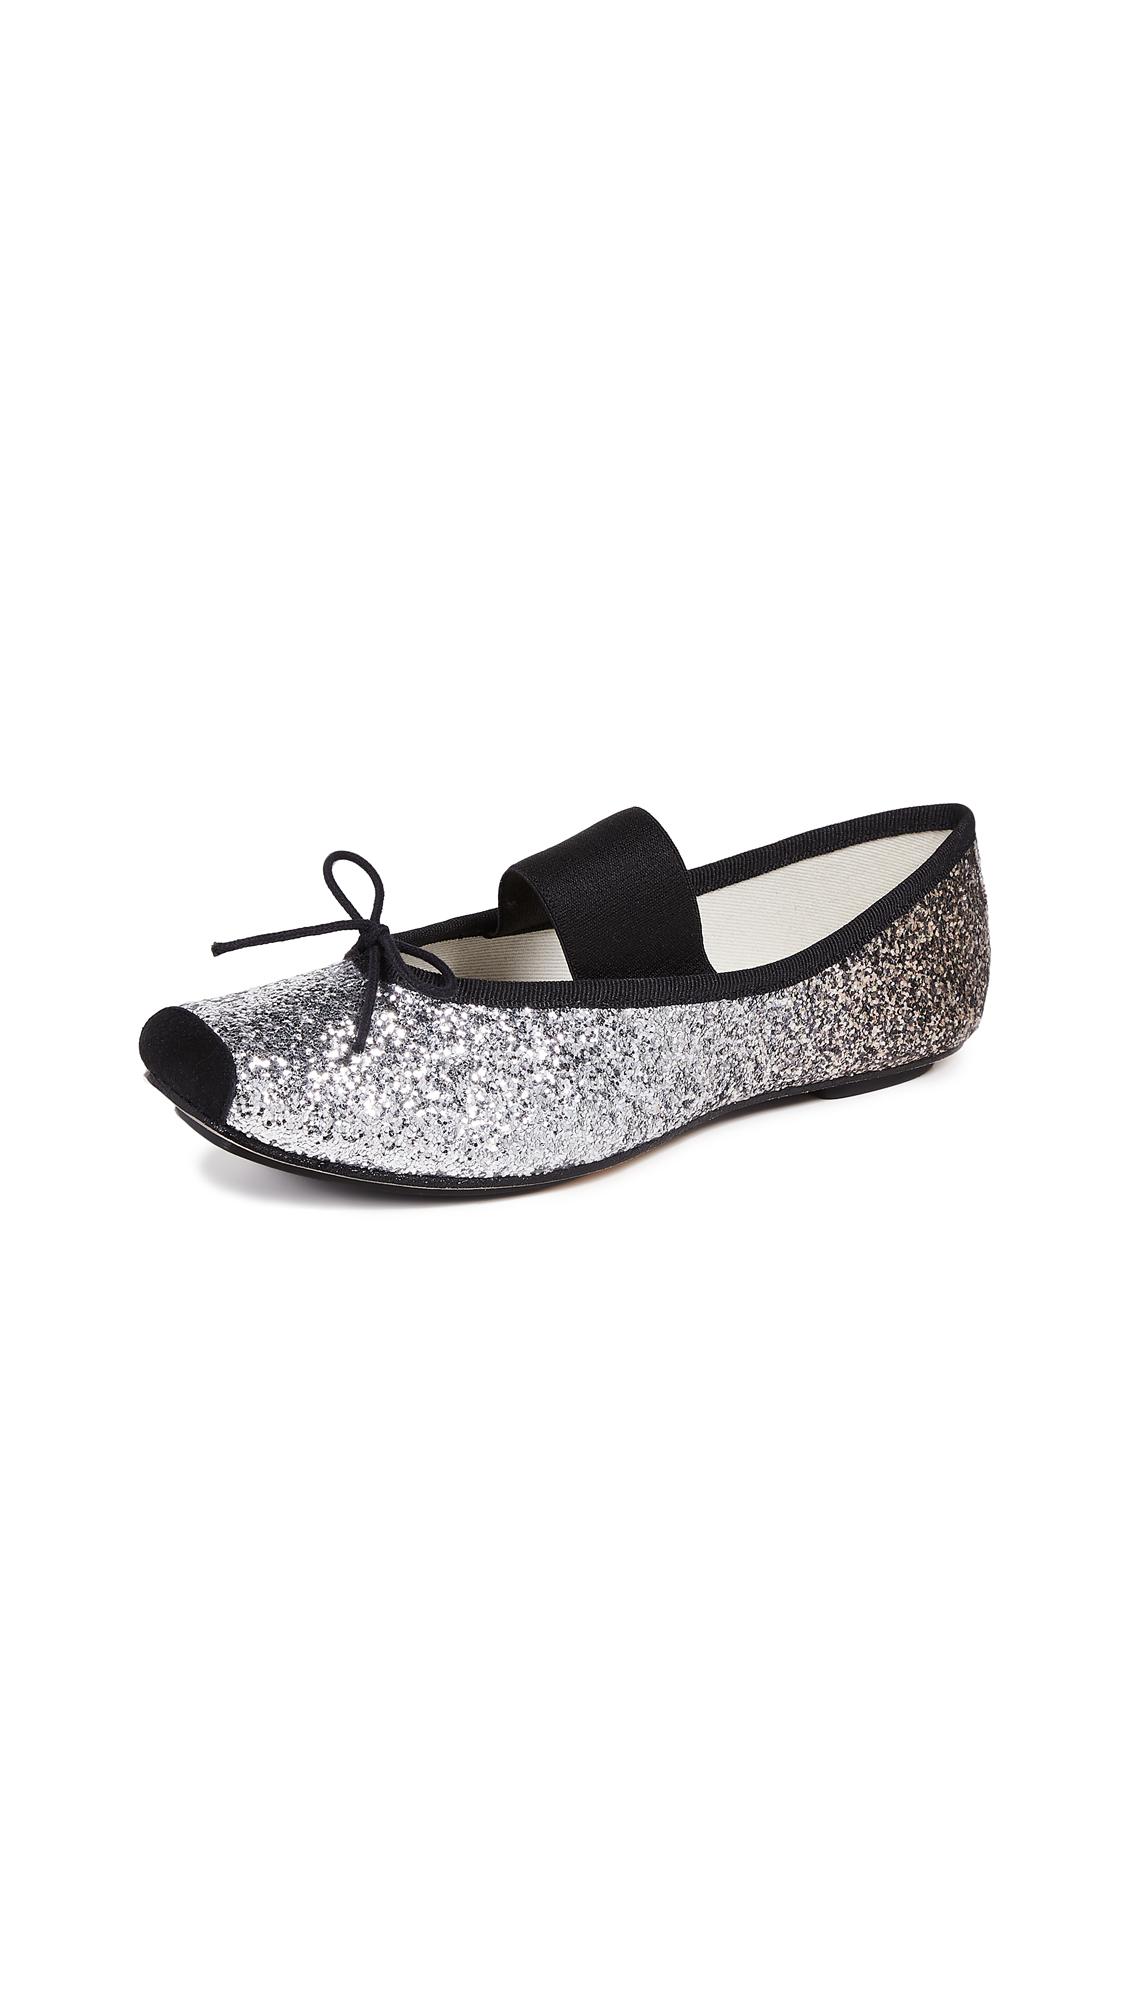 Repetto Catherine Glitter Ballerina Flats - Black/Silver